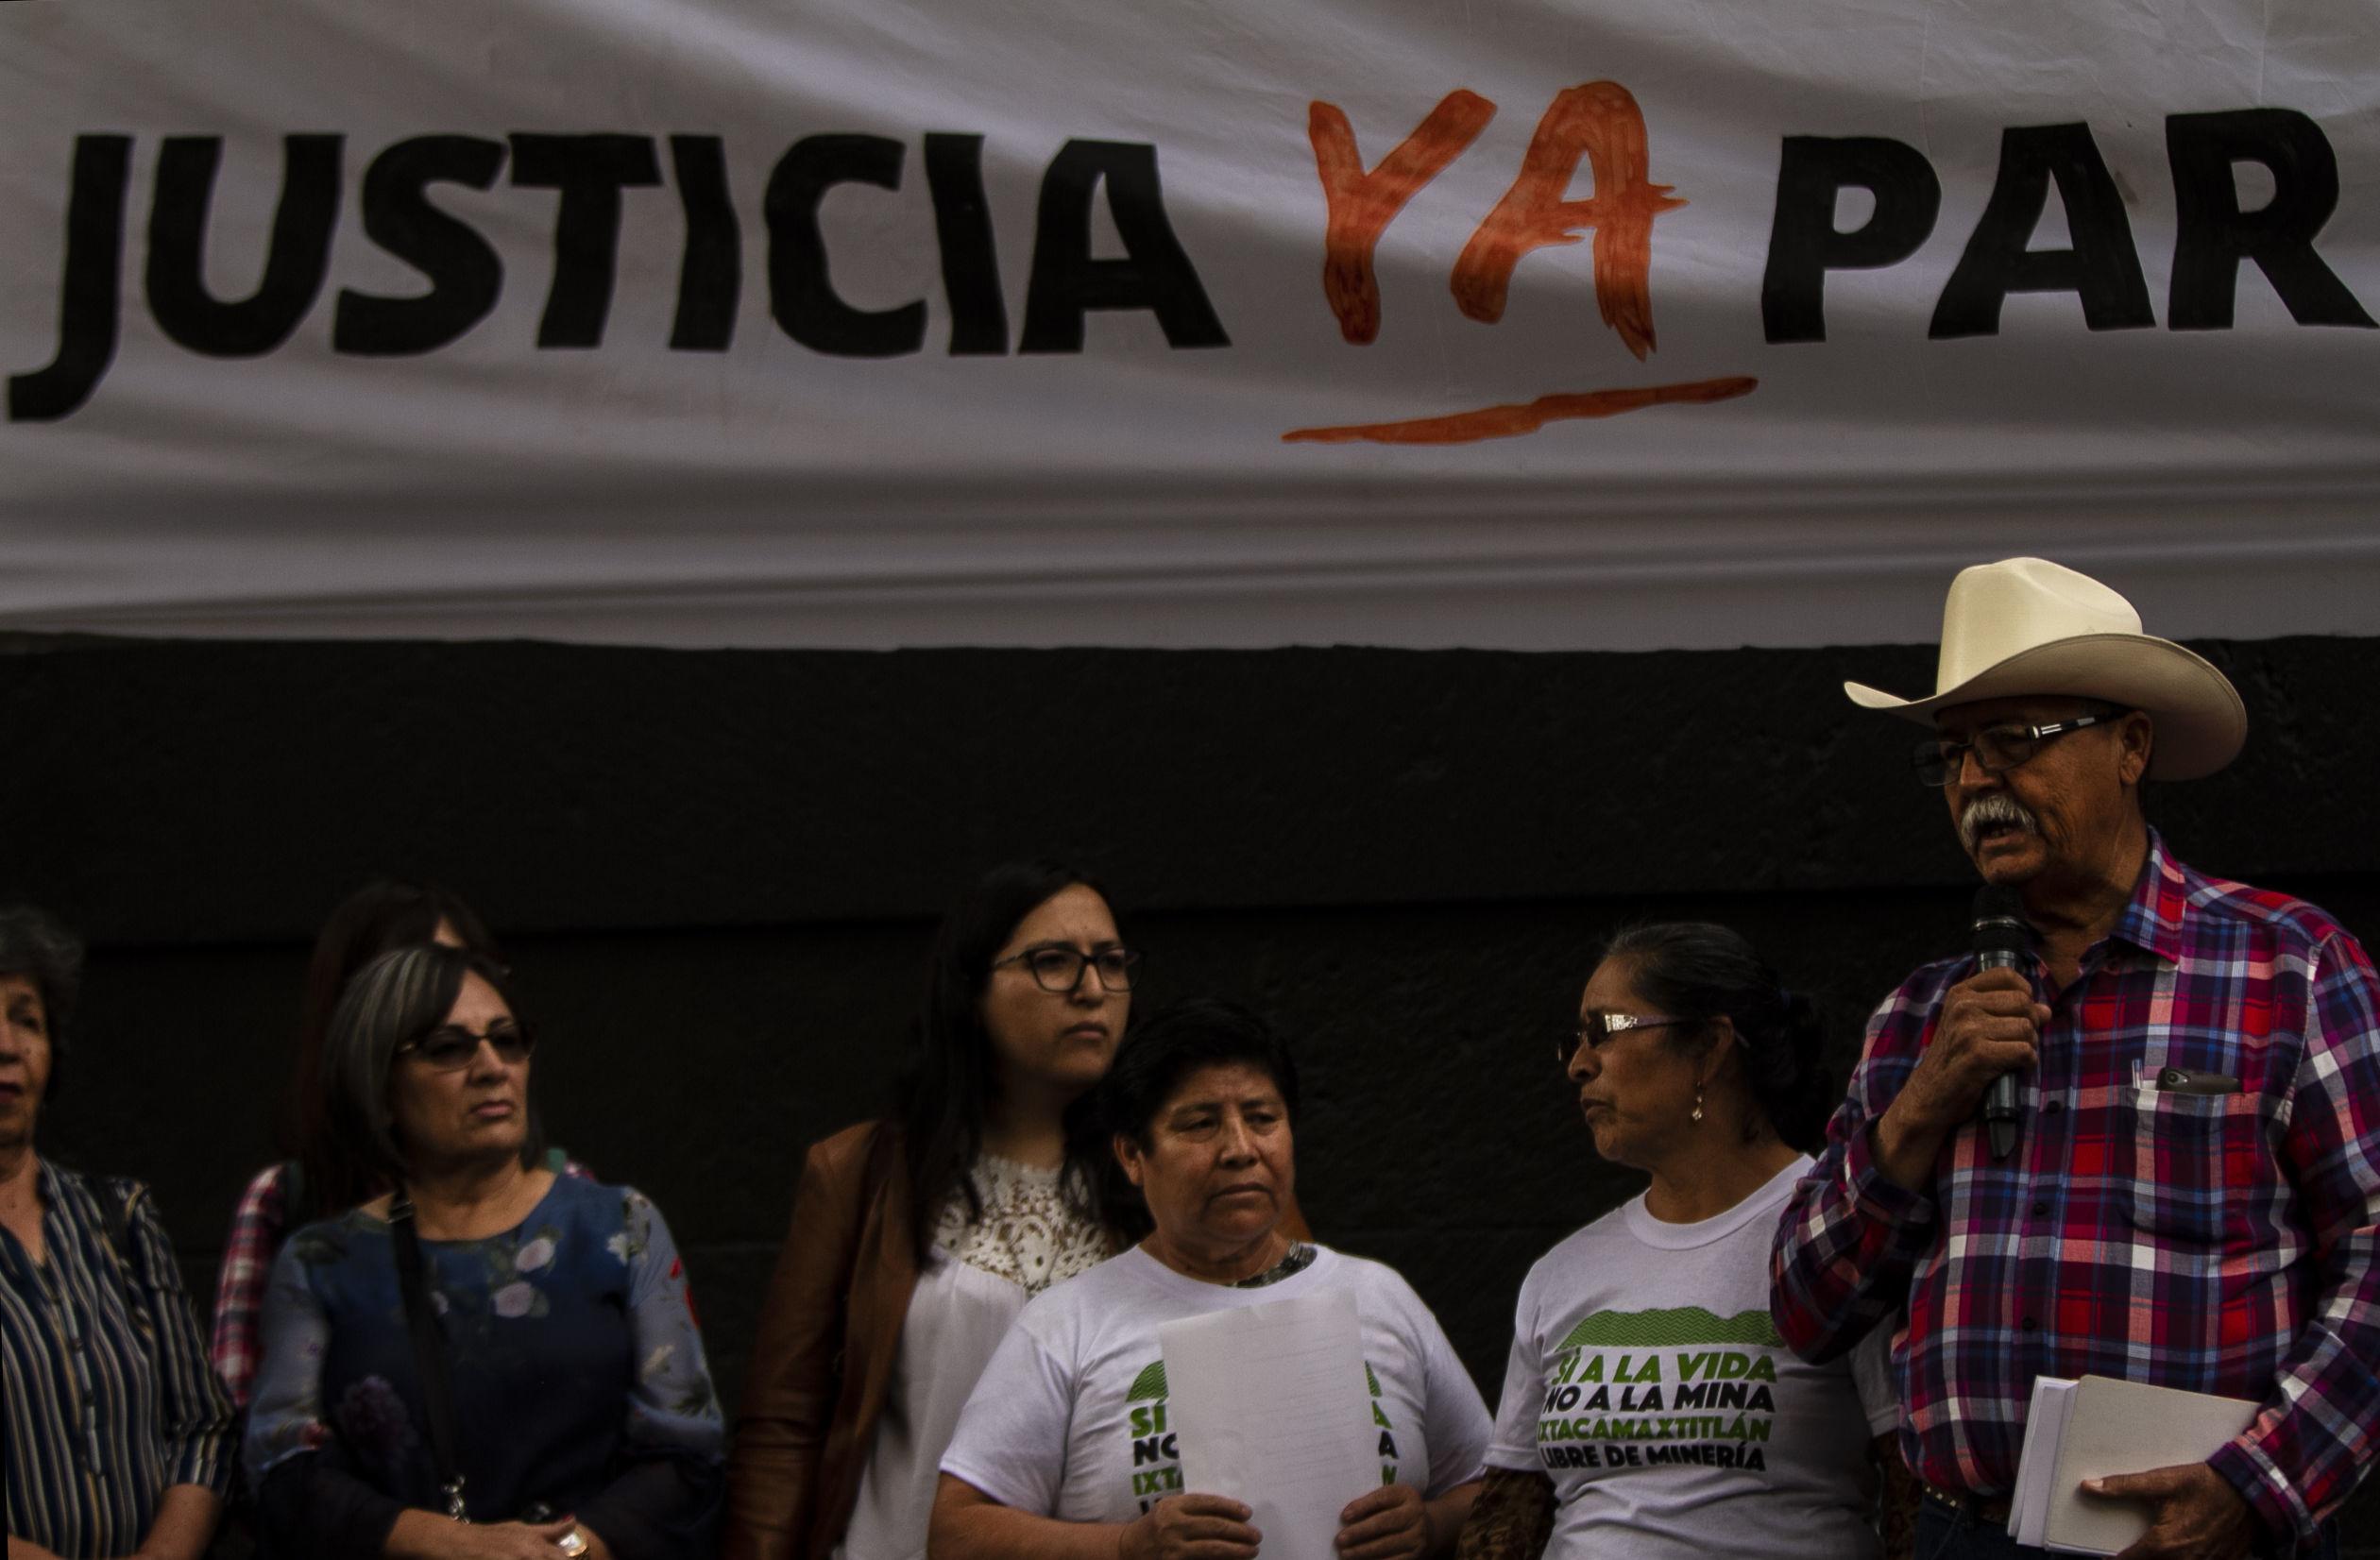 Mitin frente a la Suprema Corte de la Nación de comunidades afectadas en los ríos Sonora y Bacanuchi por lixiviados de la mina Buenavista del Cobre del Grupo México, el 6 de agosto del 2014